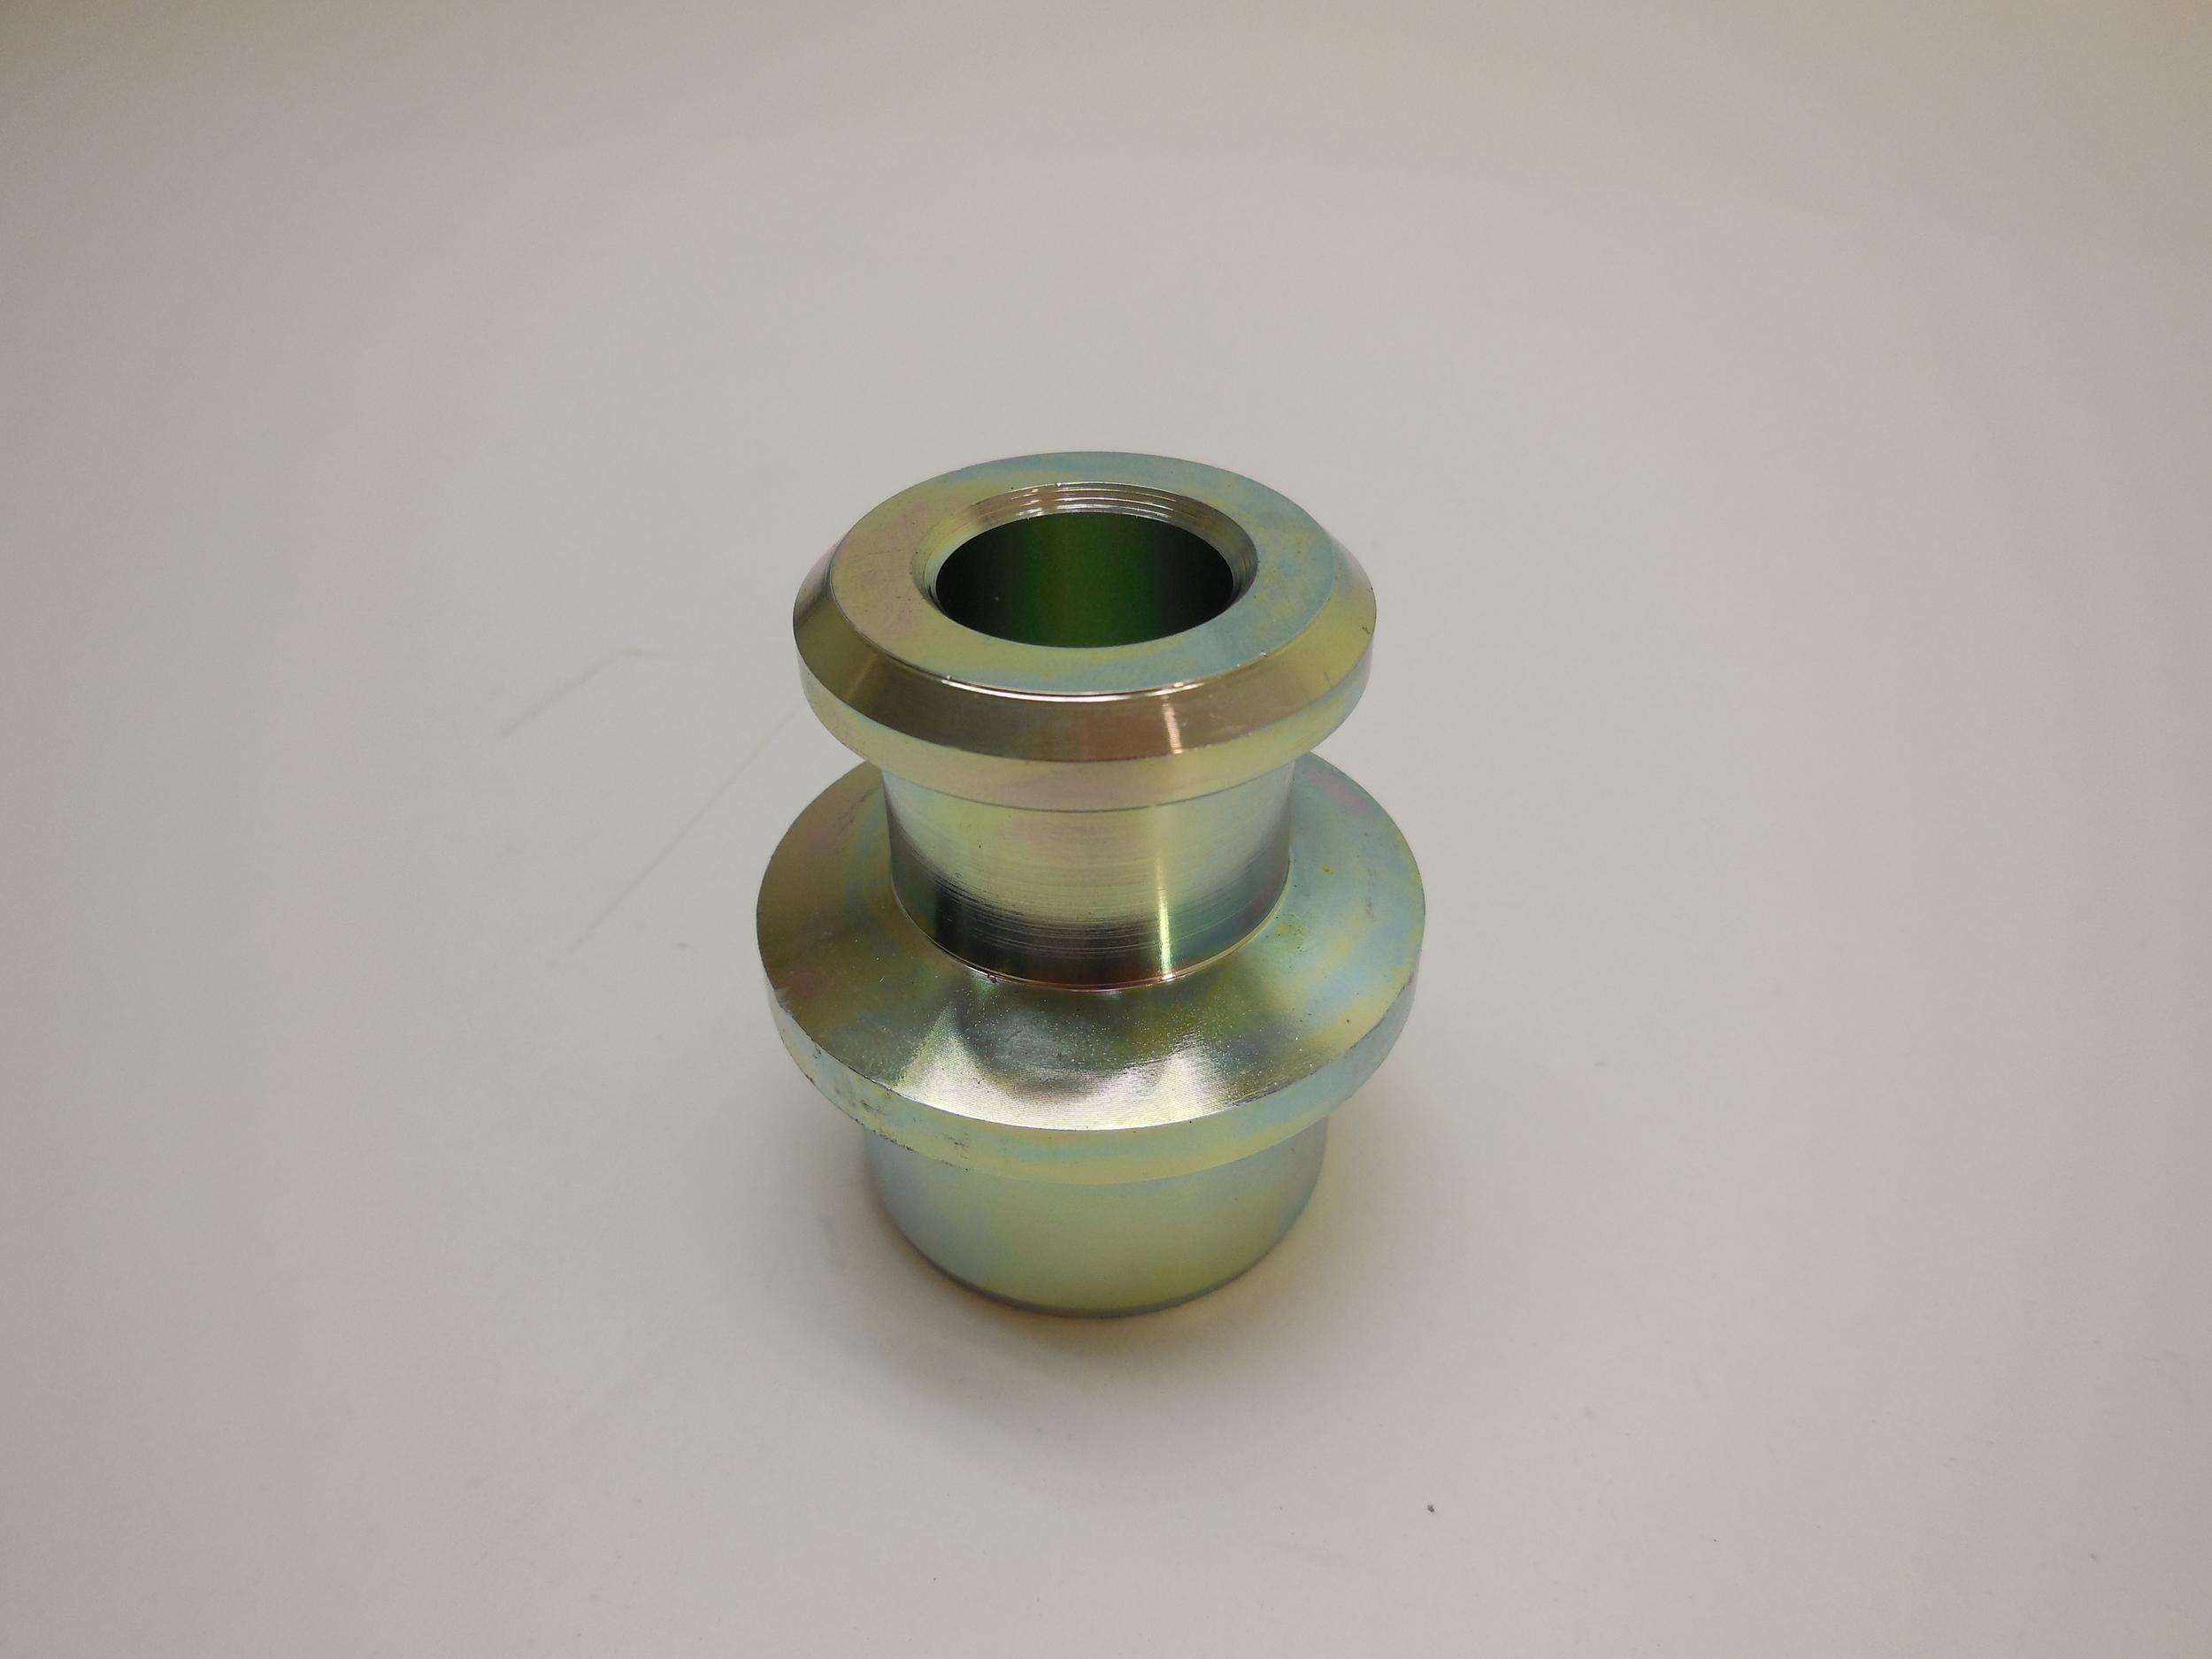 steering unit repair kit Häggo Nr: 453 6372-001 Häggo Nr: 453 7194-001 price: 490 sek